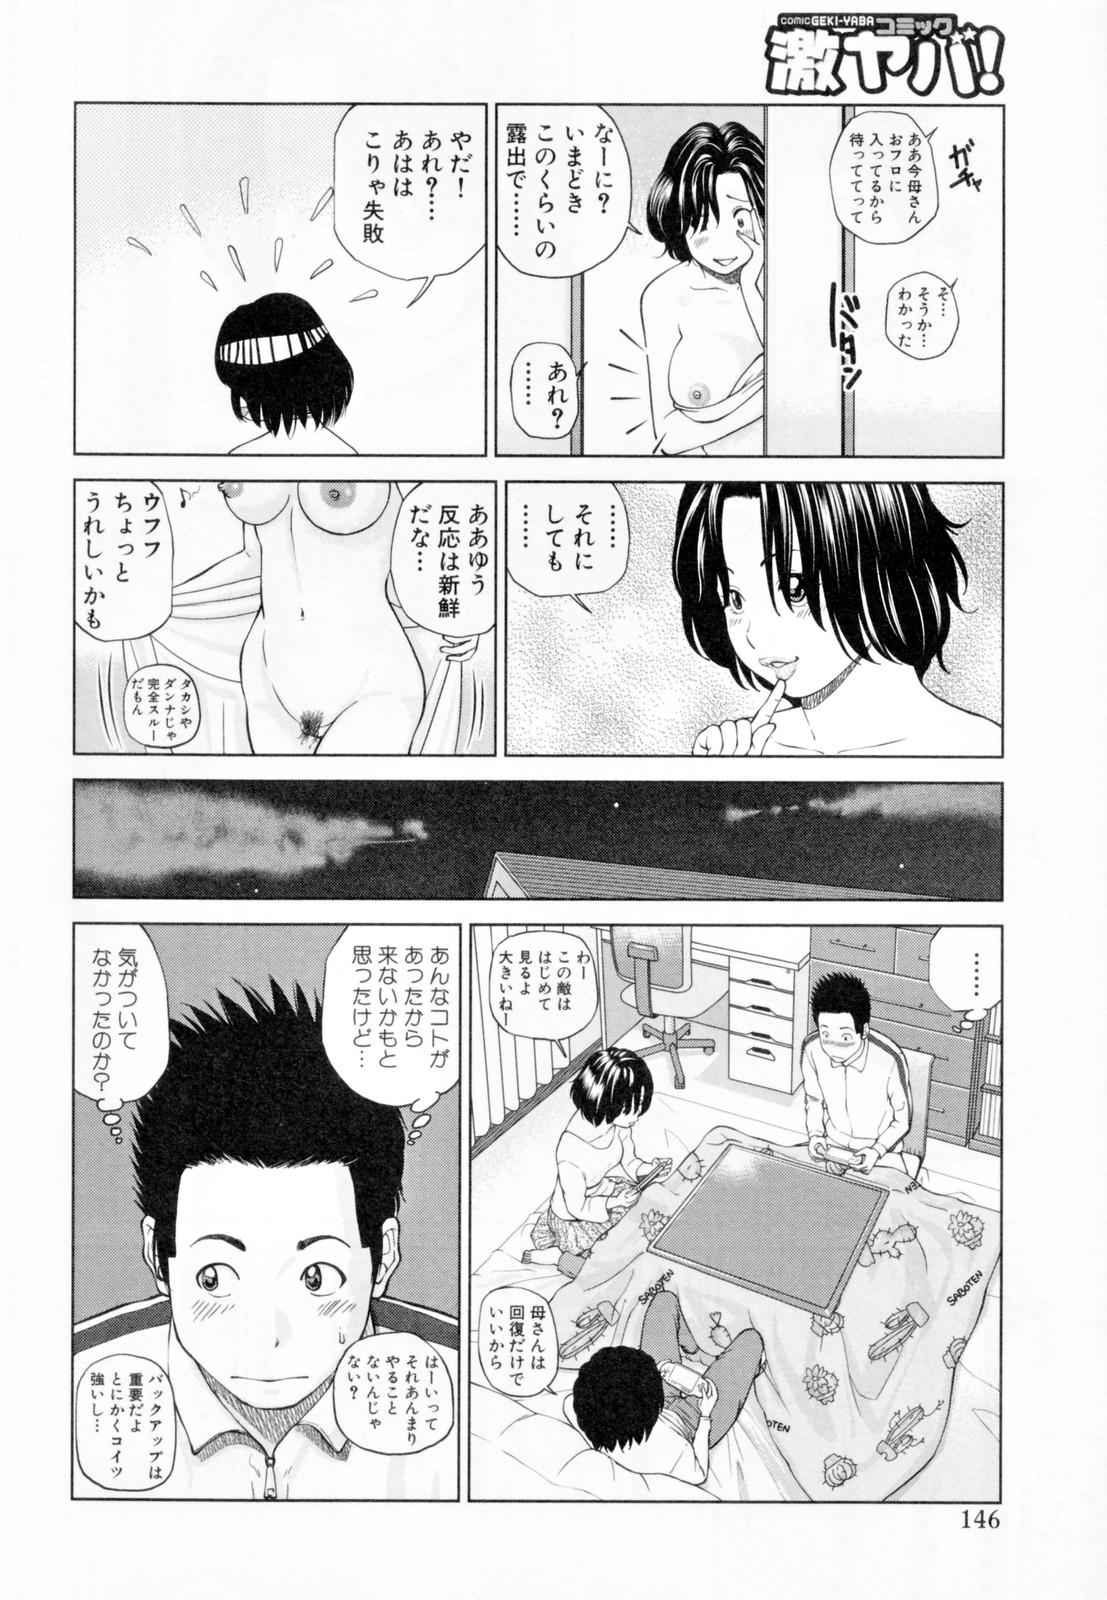 32 Sai Yokkyuufuman no Hitozuma 149